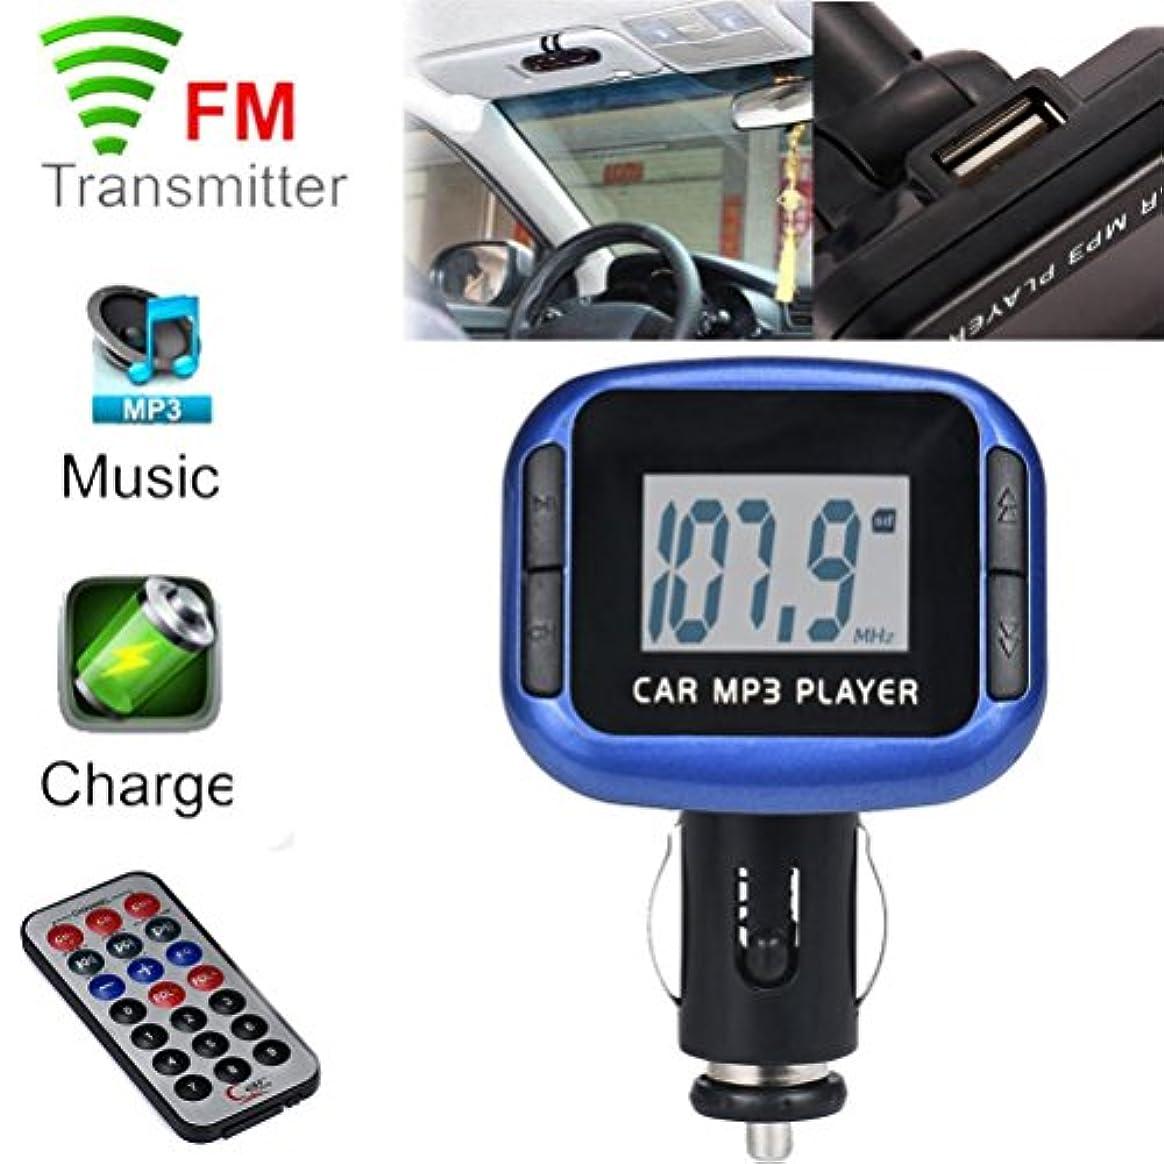 葉コイル血色の良いWensLTD mp3プレーヤーワイヤレスFMトランスミッタ変調器カーキットUSB SD MMC LCDリモート